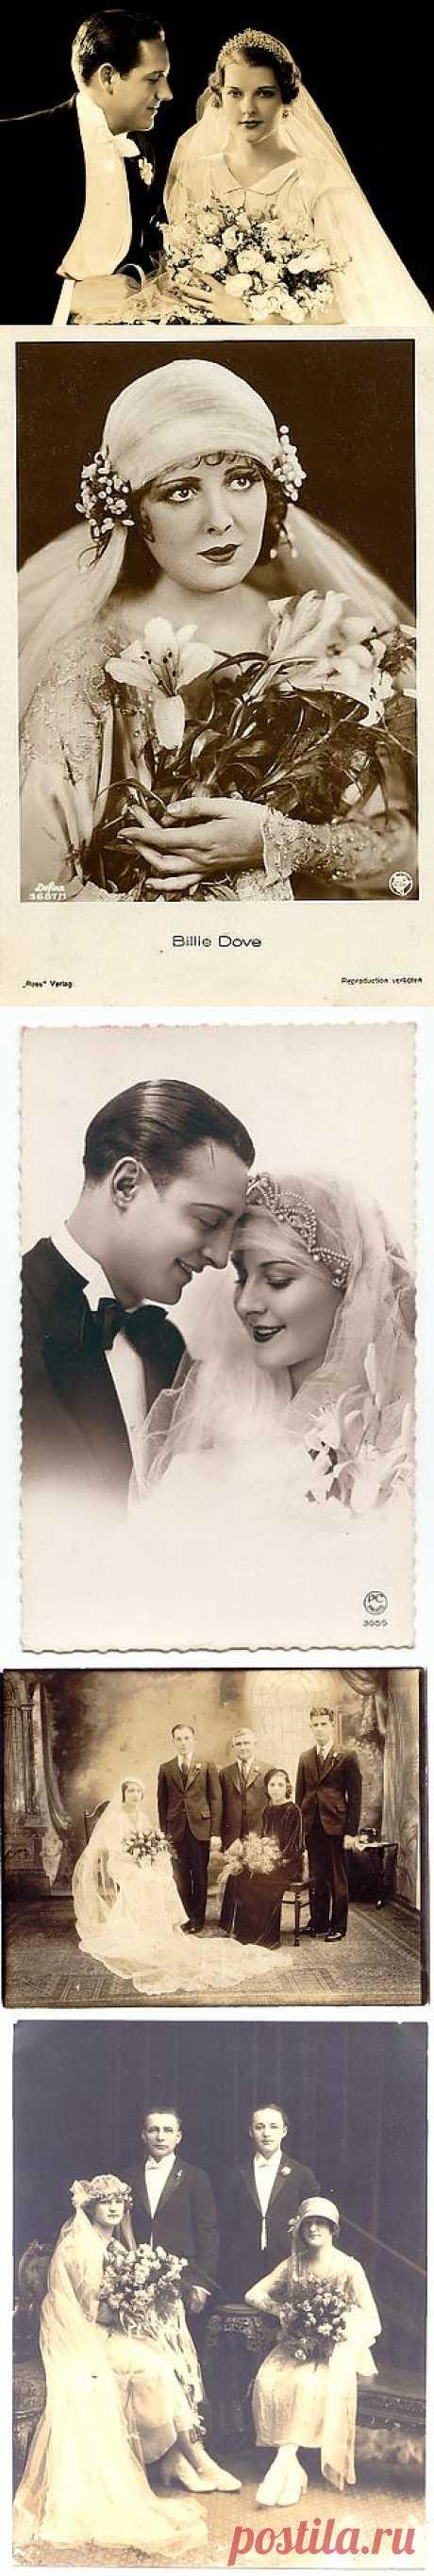 История вещей, костюма, искусства,  мебели, интерьера и быта от художника кино. - Старинные свадебные фотографии 10-20-30-х годов.